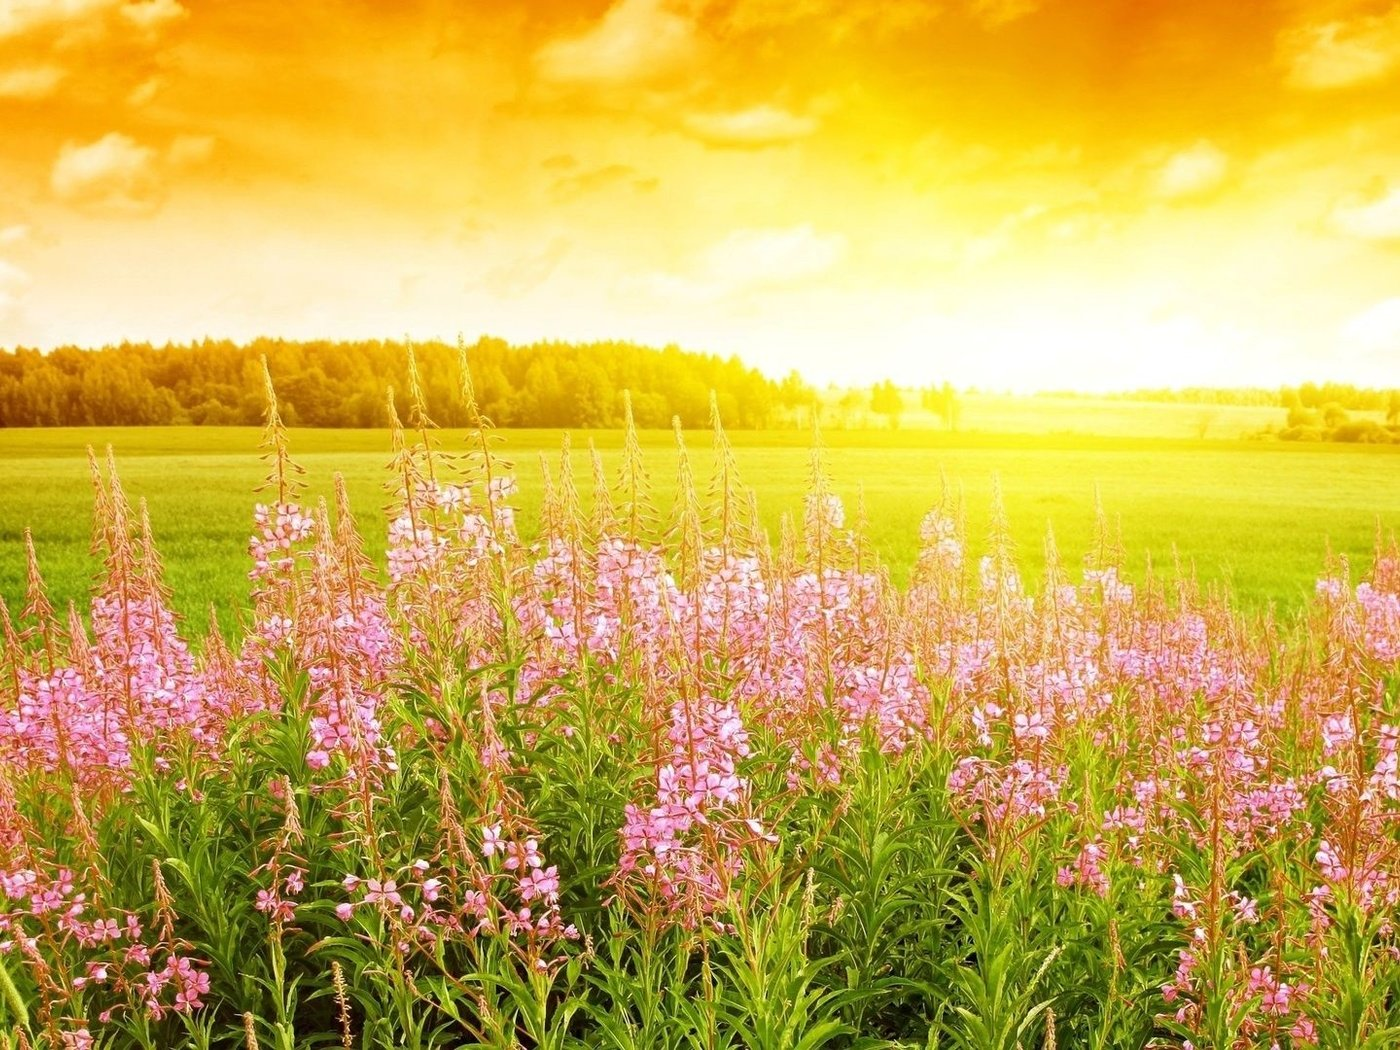 Оригинальные дню, картинки поле цветы солнце